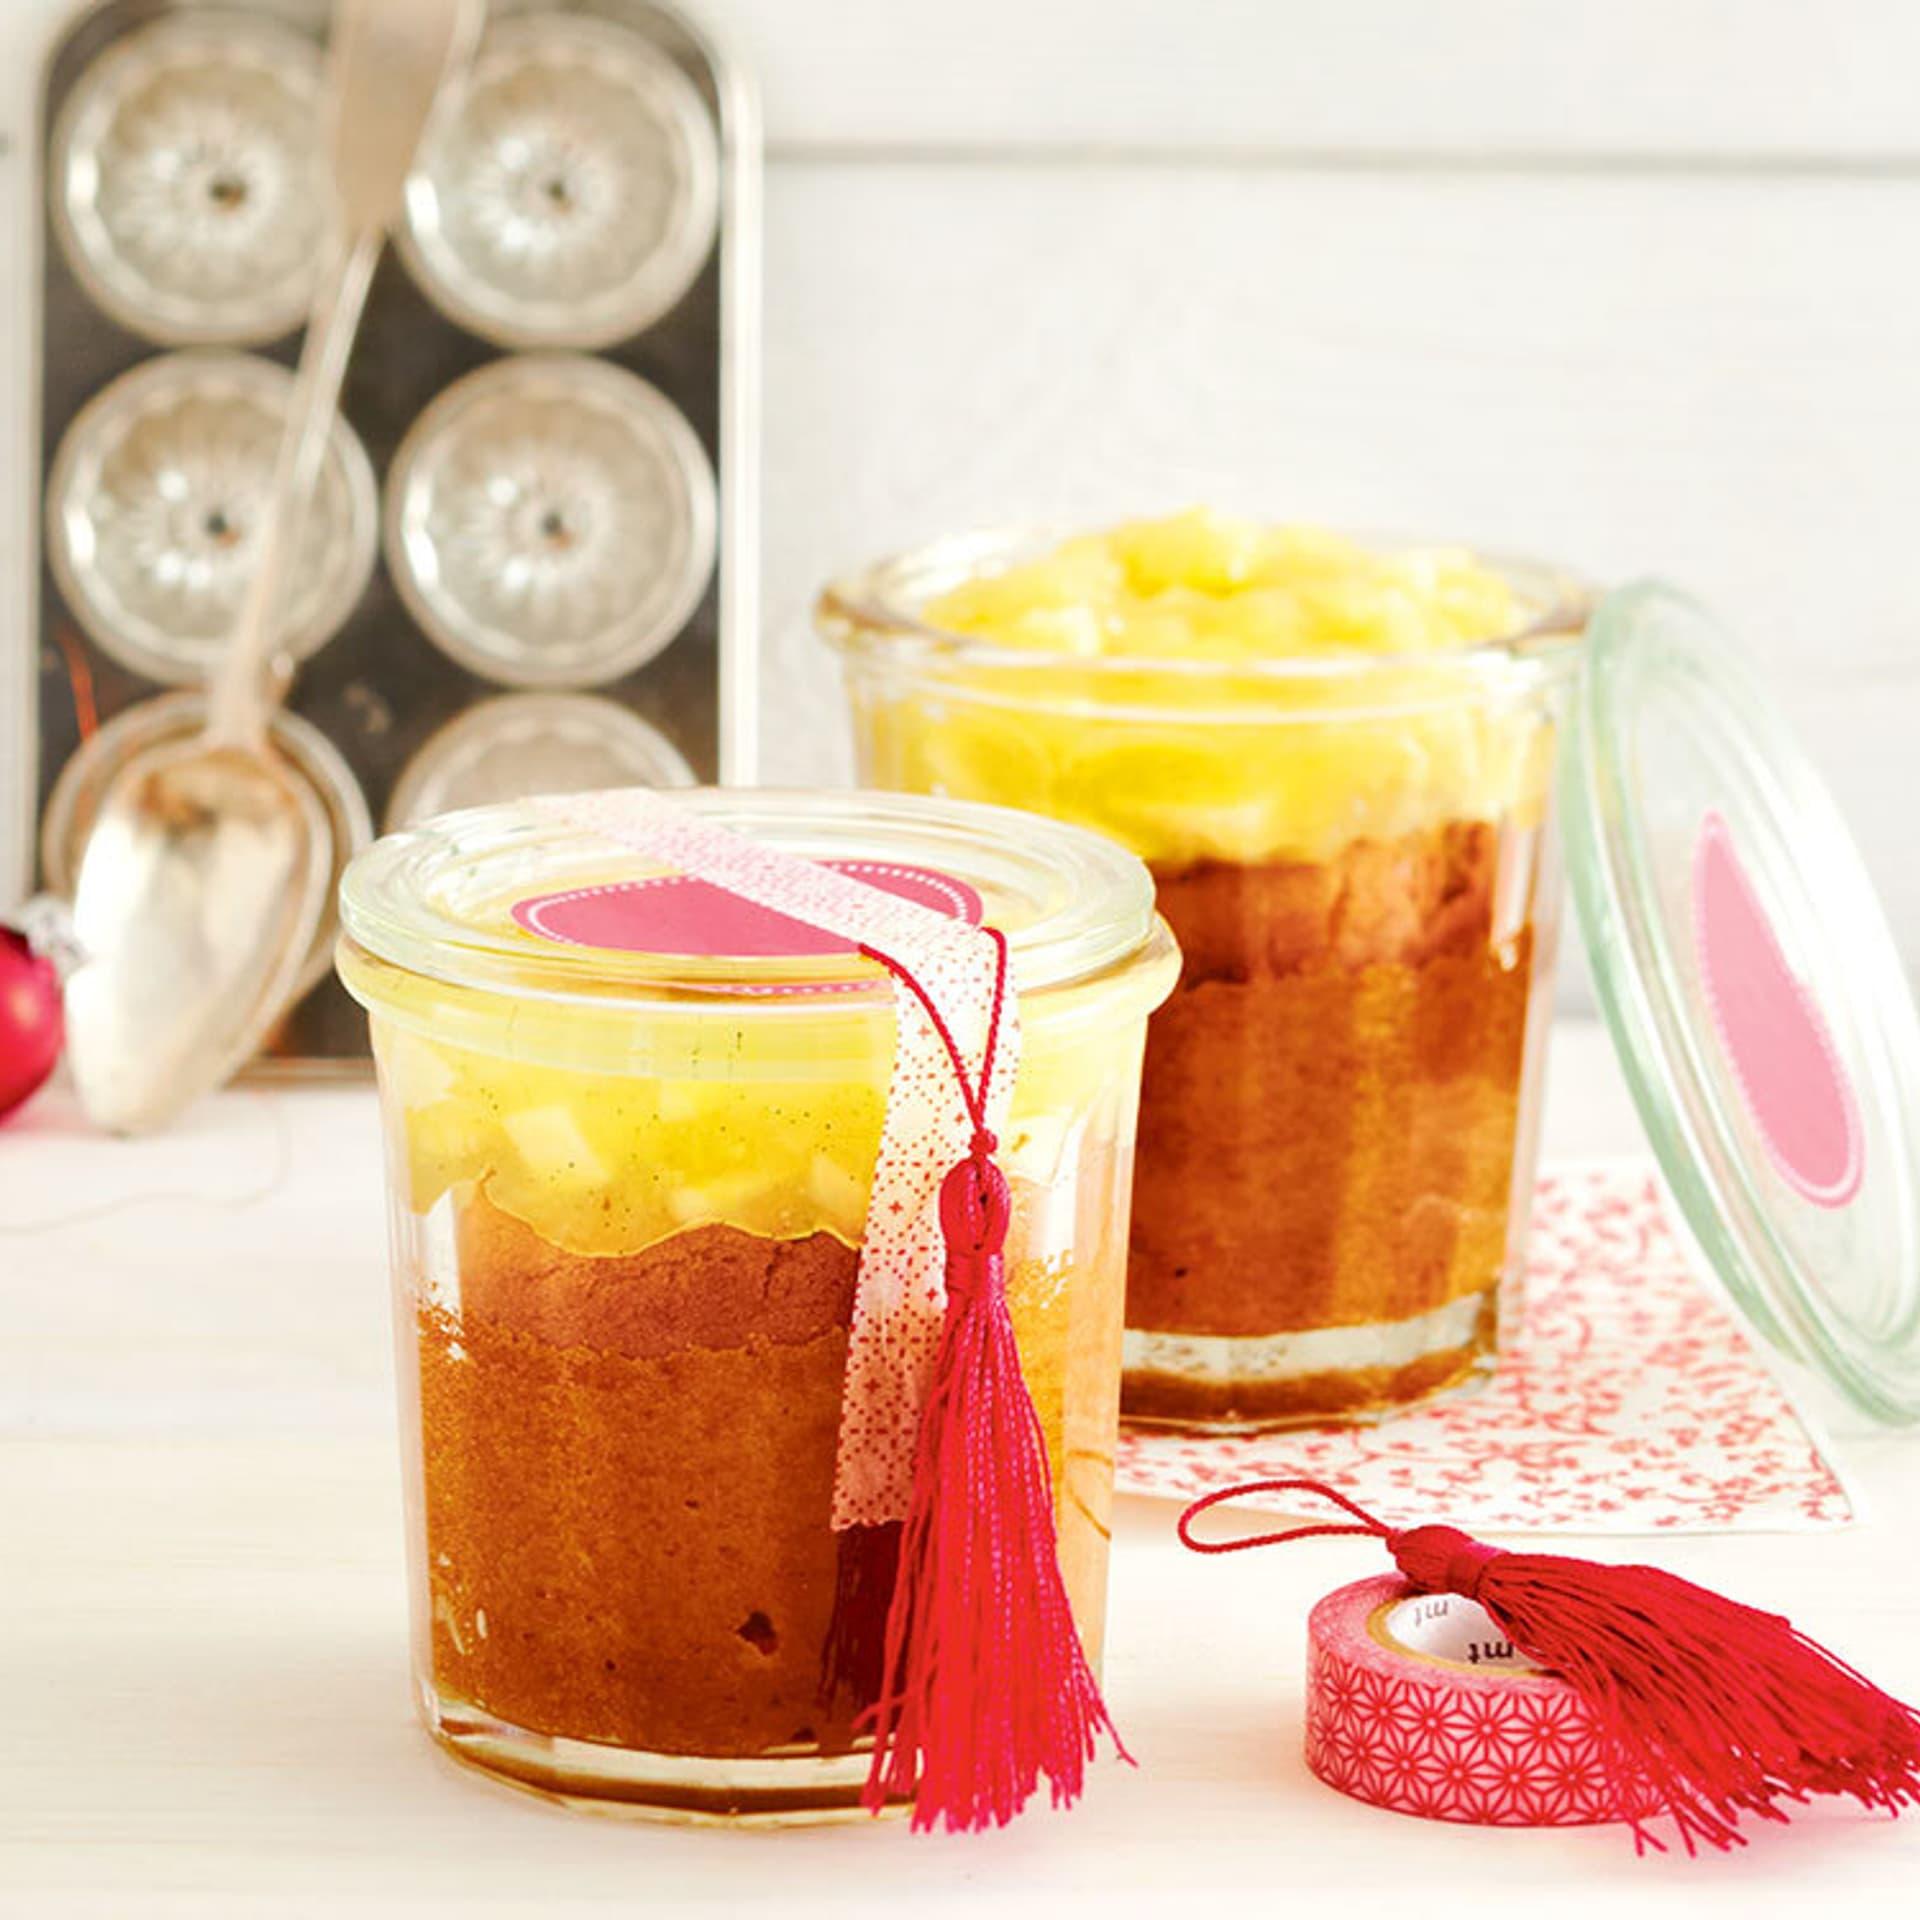 Zimtkuchen im Glas mit Vanille-Apfel-Kompott